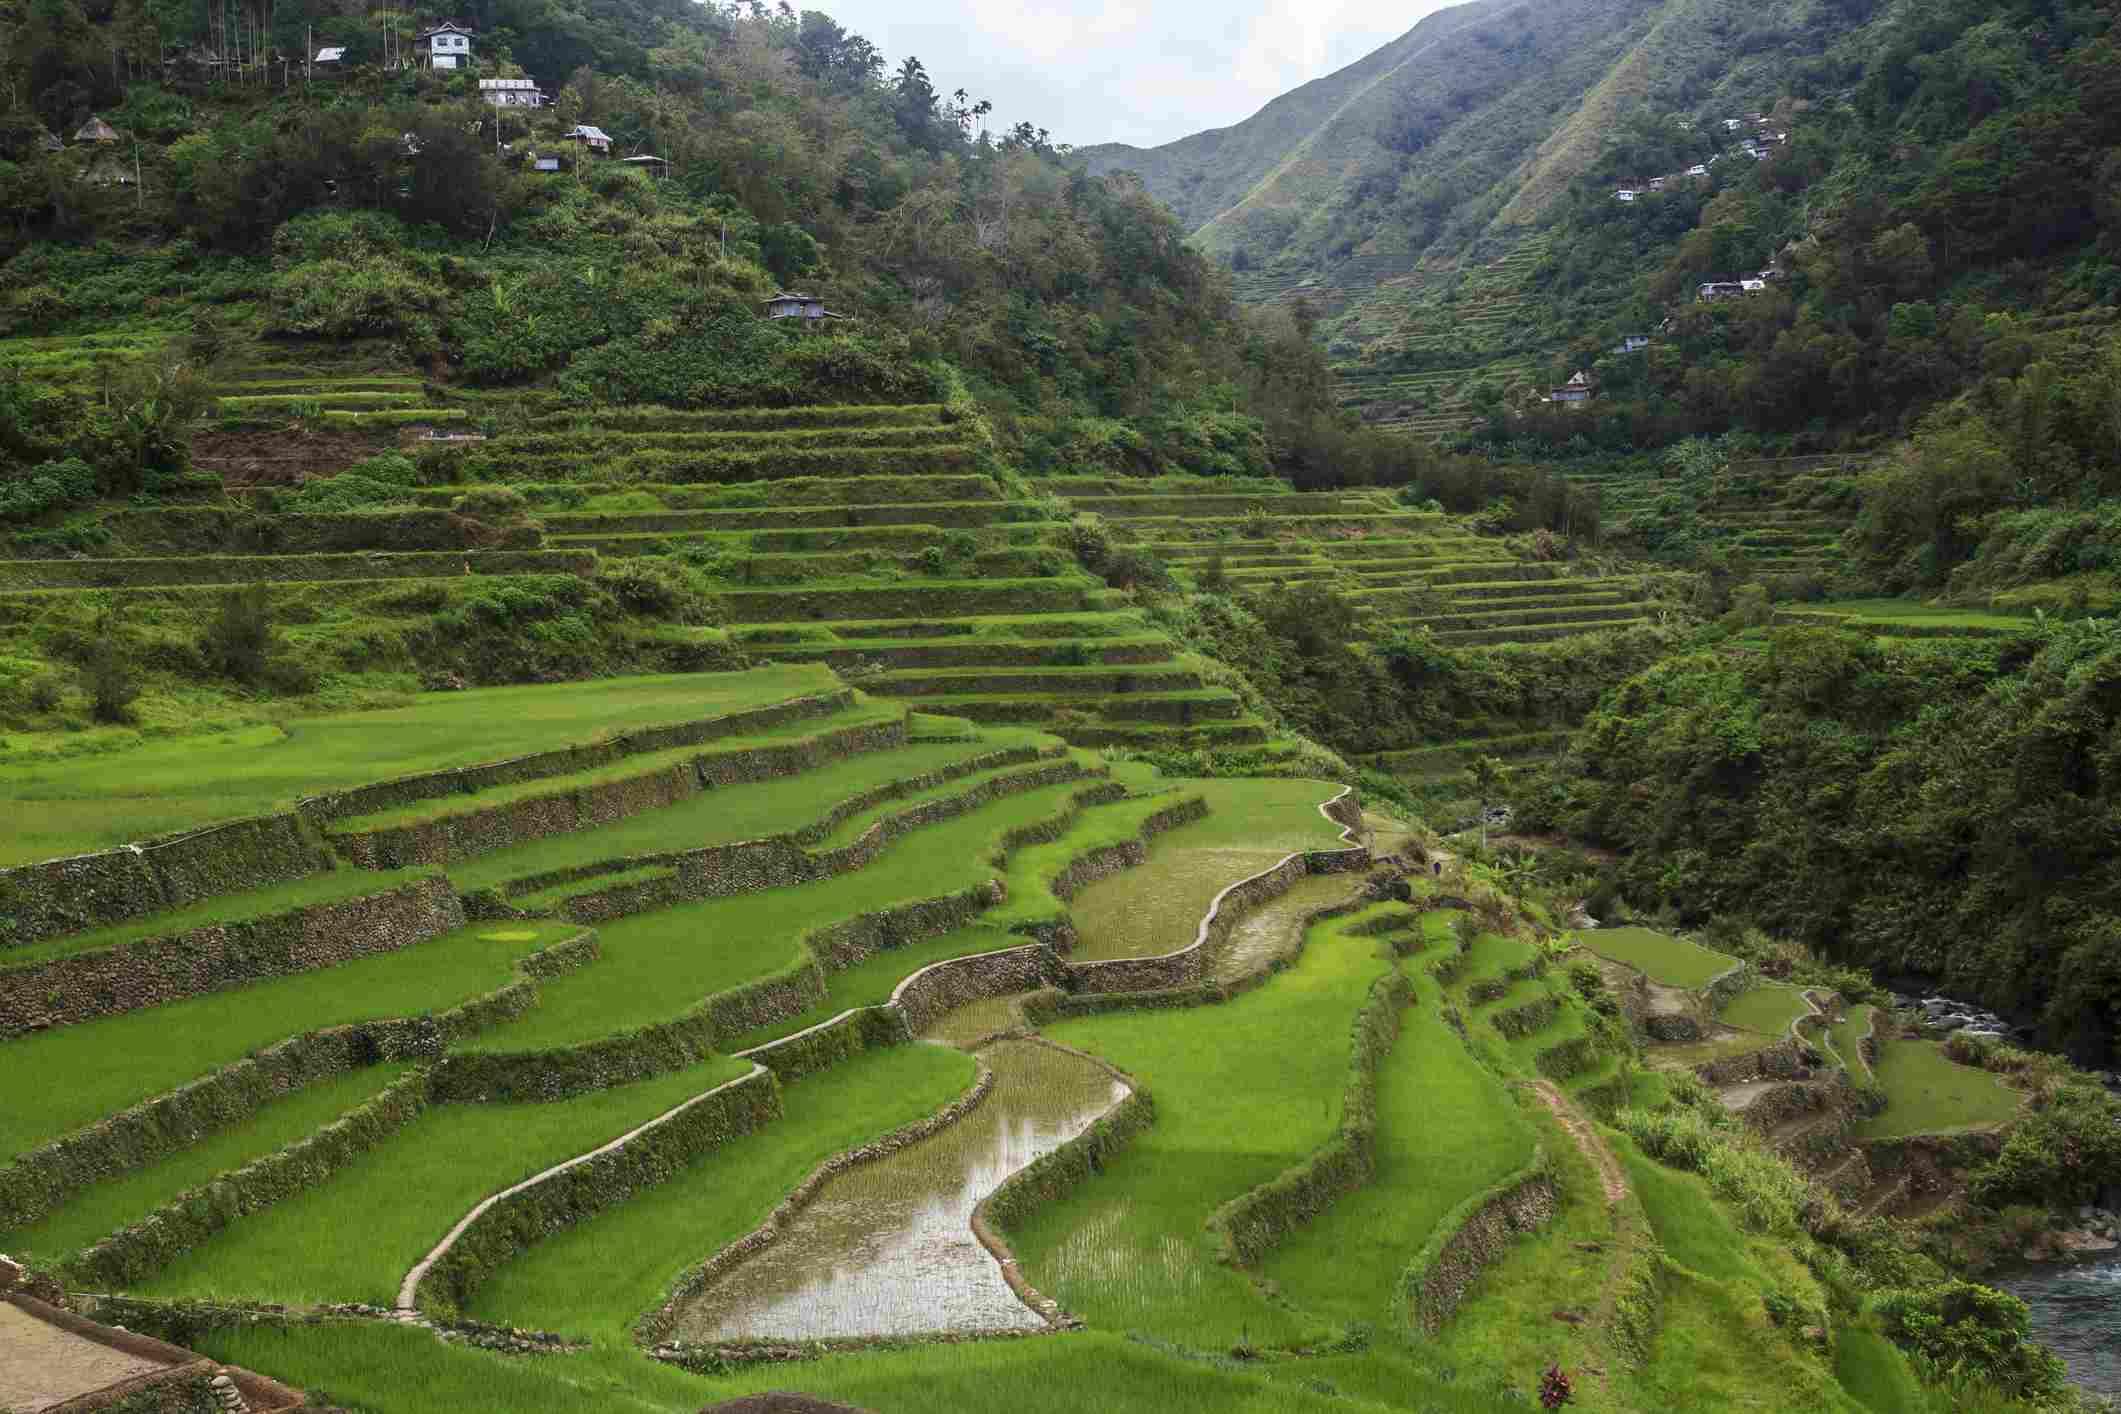 Rice terraces in Banaue, Philippines